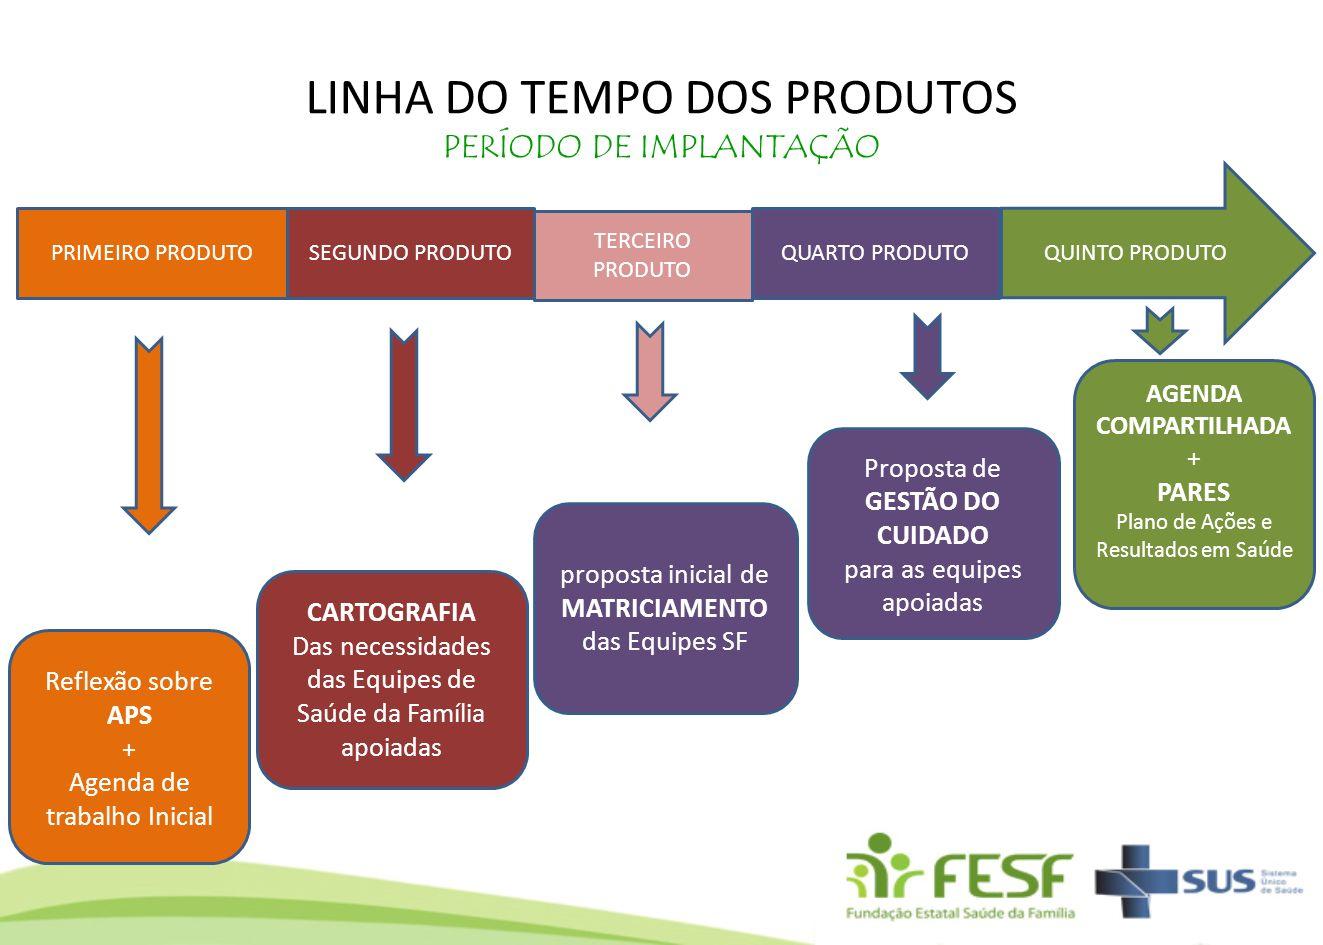 LINHA DO TEMPO DOS PRODUTOS PERÍODO DE IMPLANTAÇÃO Reflexão sobre APS + Agenda de trabalho Inicial CARTOGRAFIA Das necessidades das Equipes de Saúde d